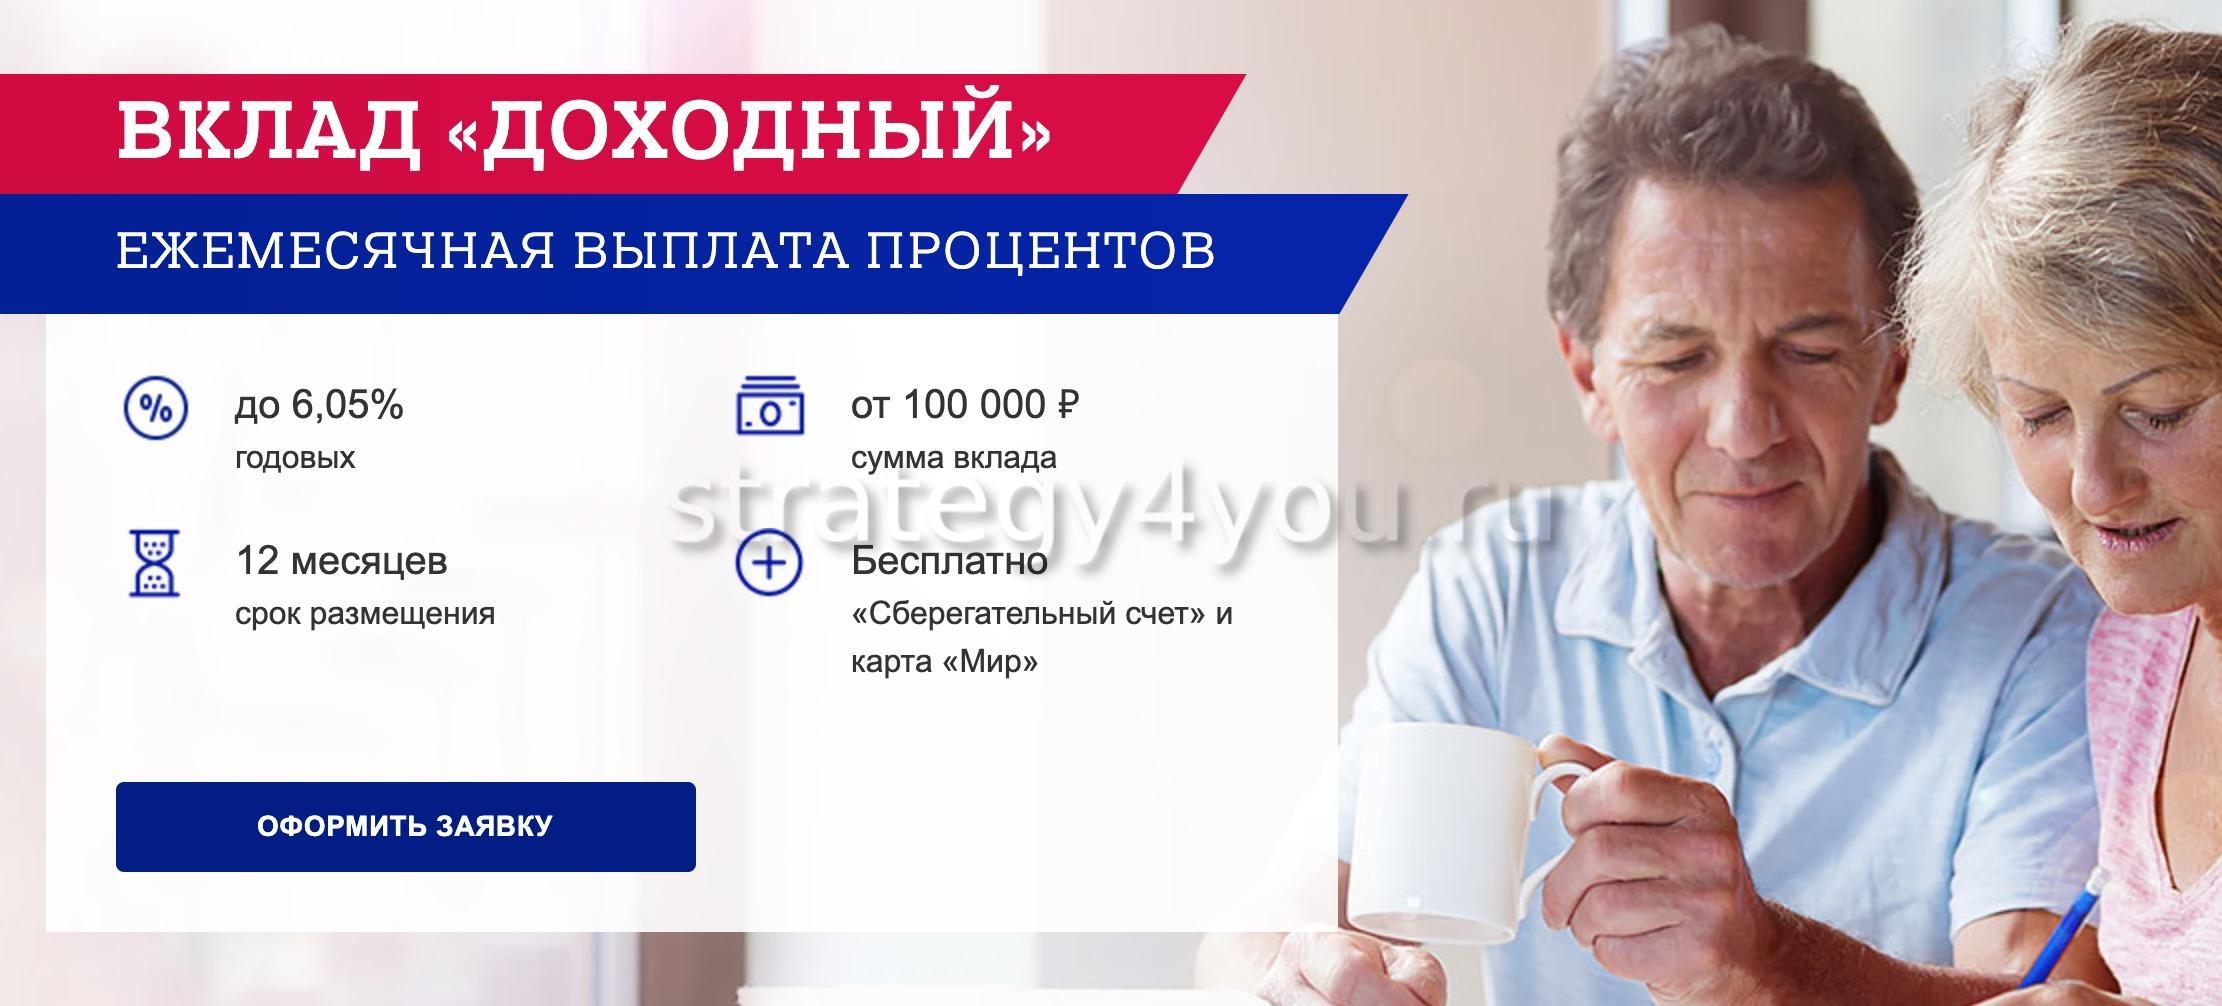 открыть пенсионный вклад в банке под высокий процент